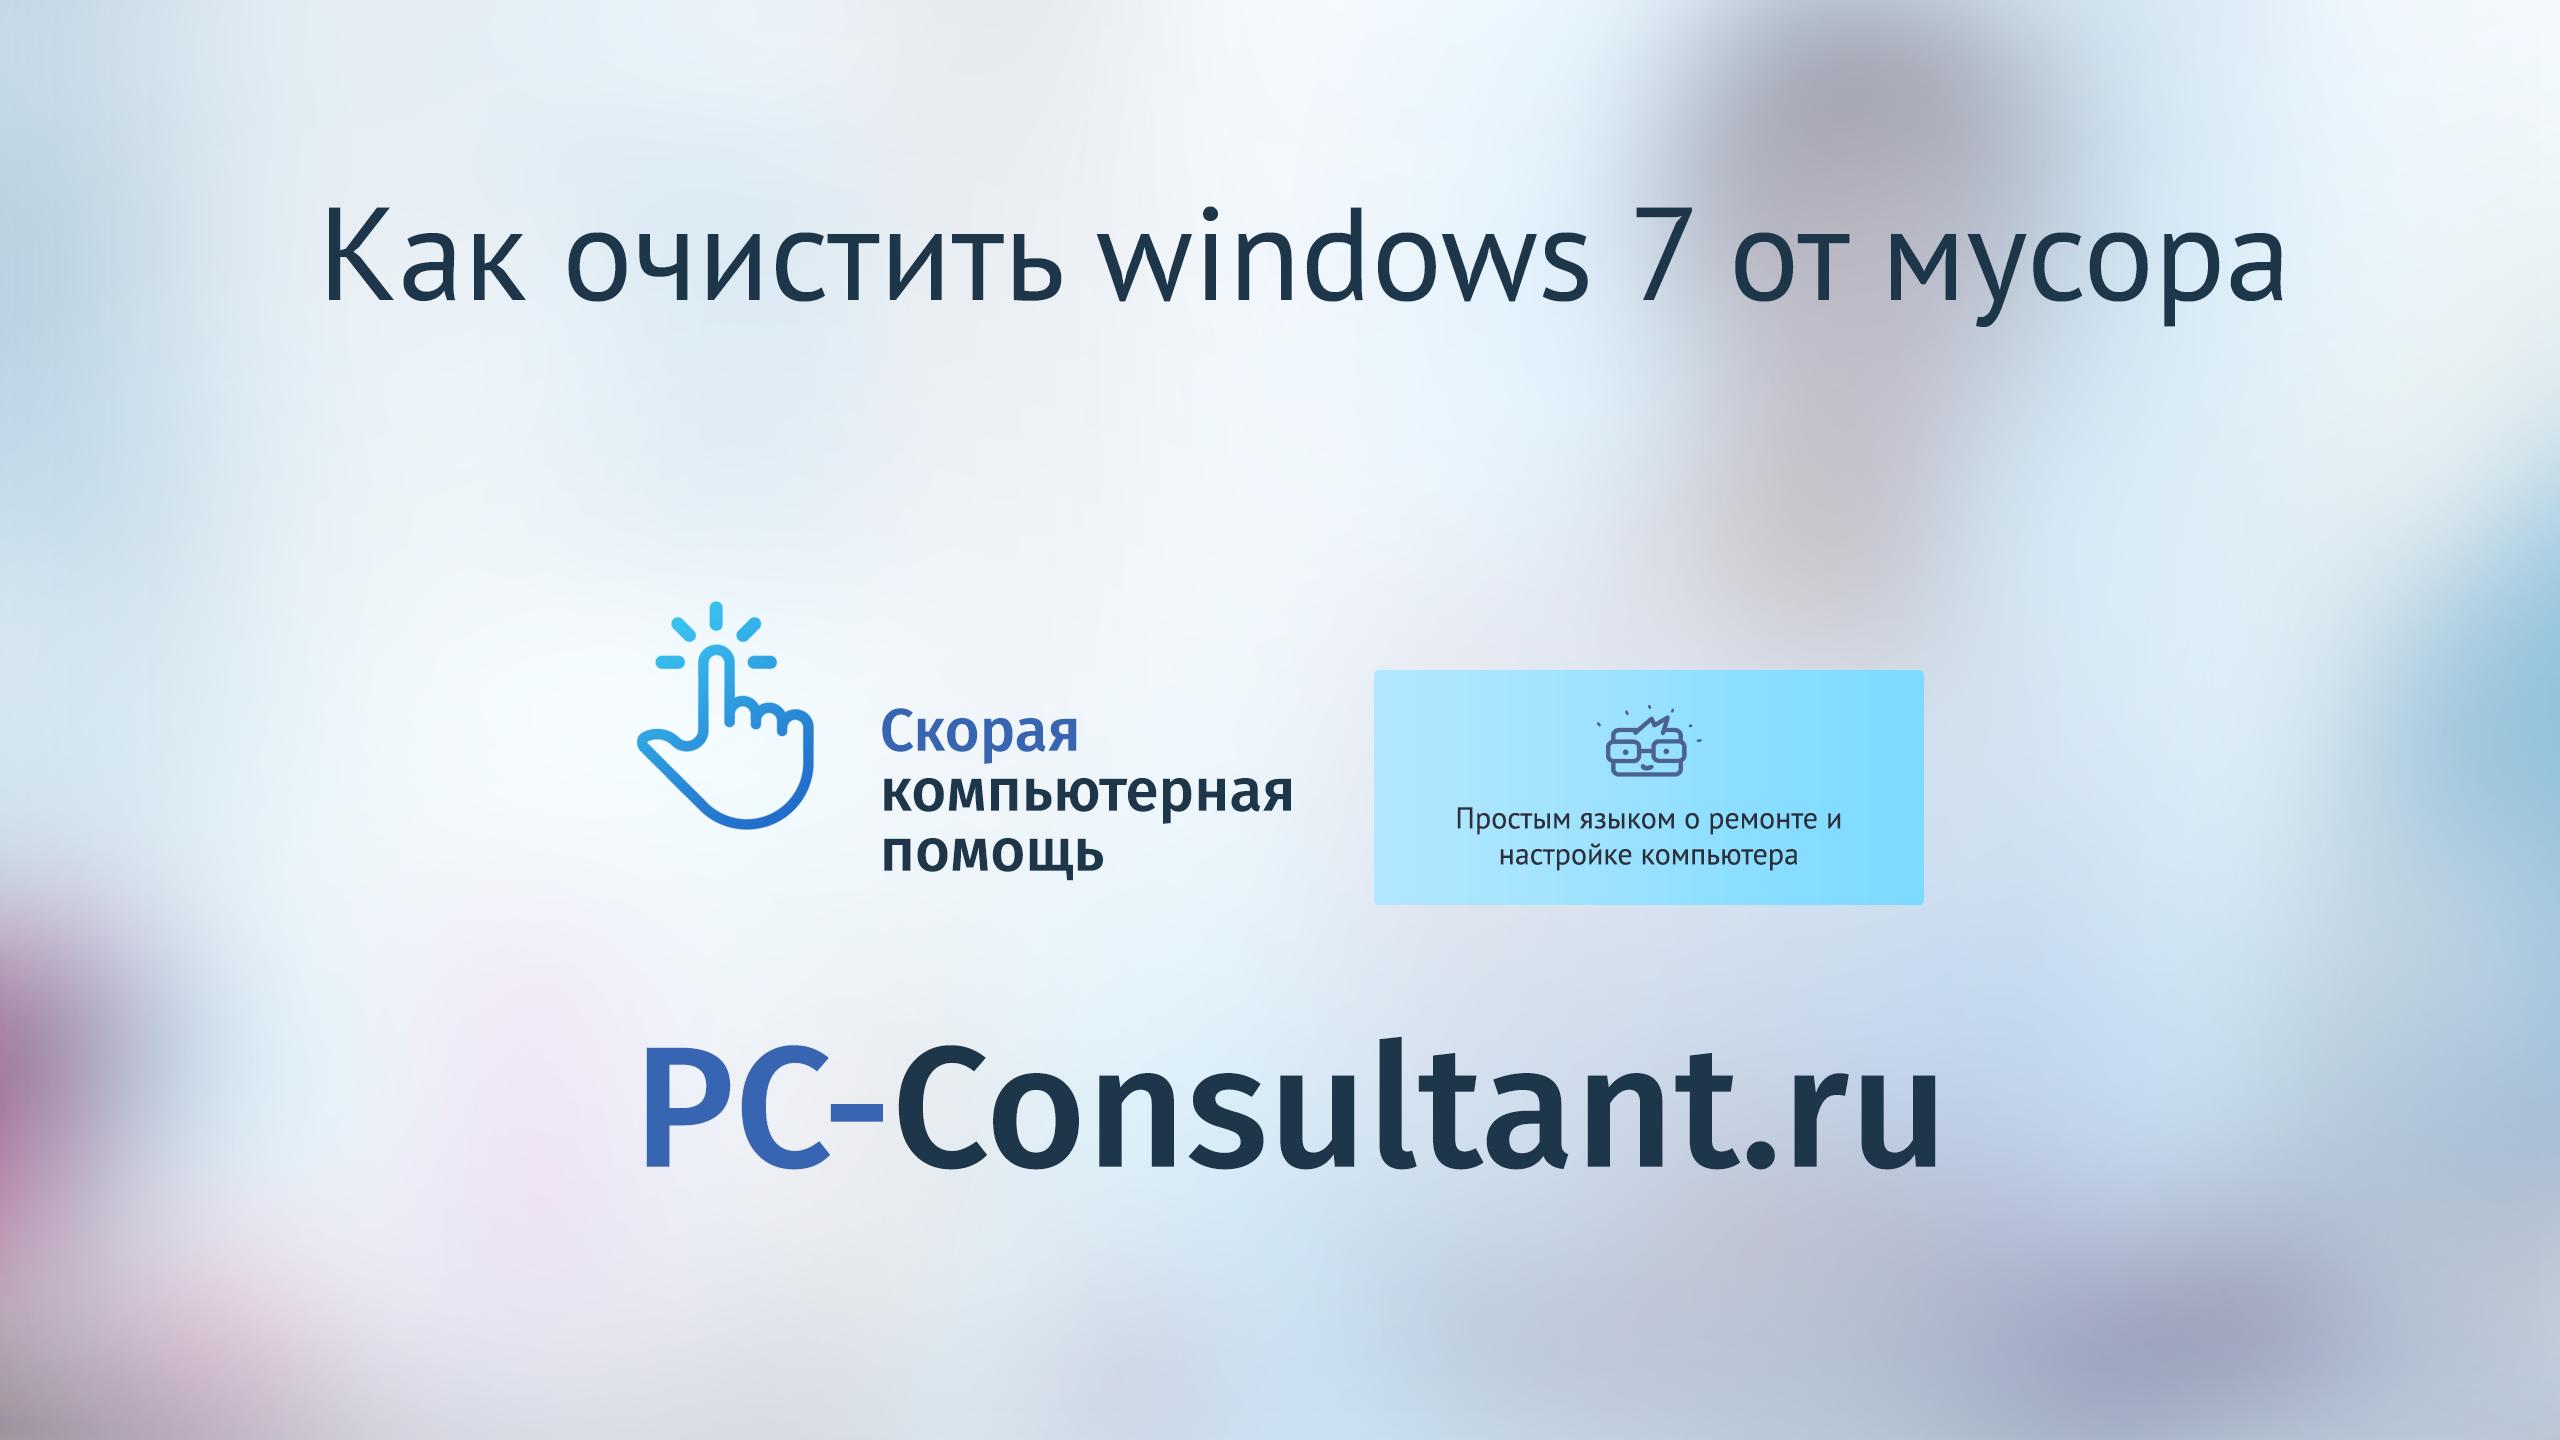 Как очистить windows 7 от мусора